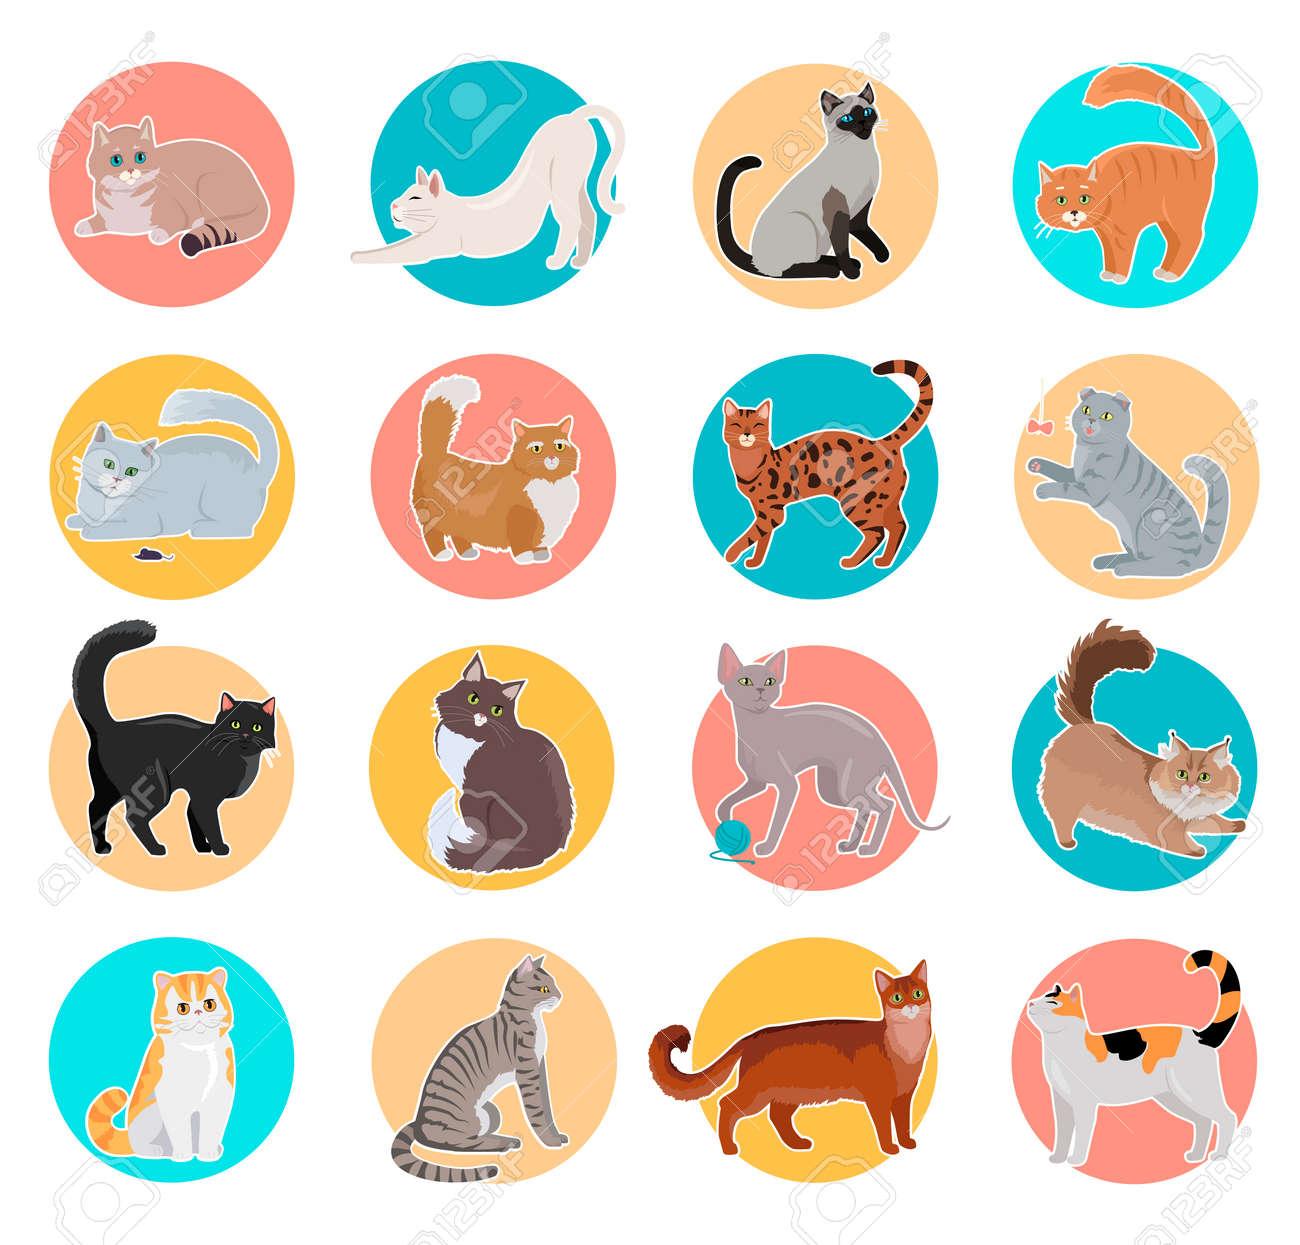 Vettoriale Set Di Icone Con I Gatti Disegno Vettoriale Piatto